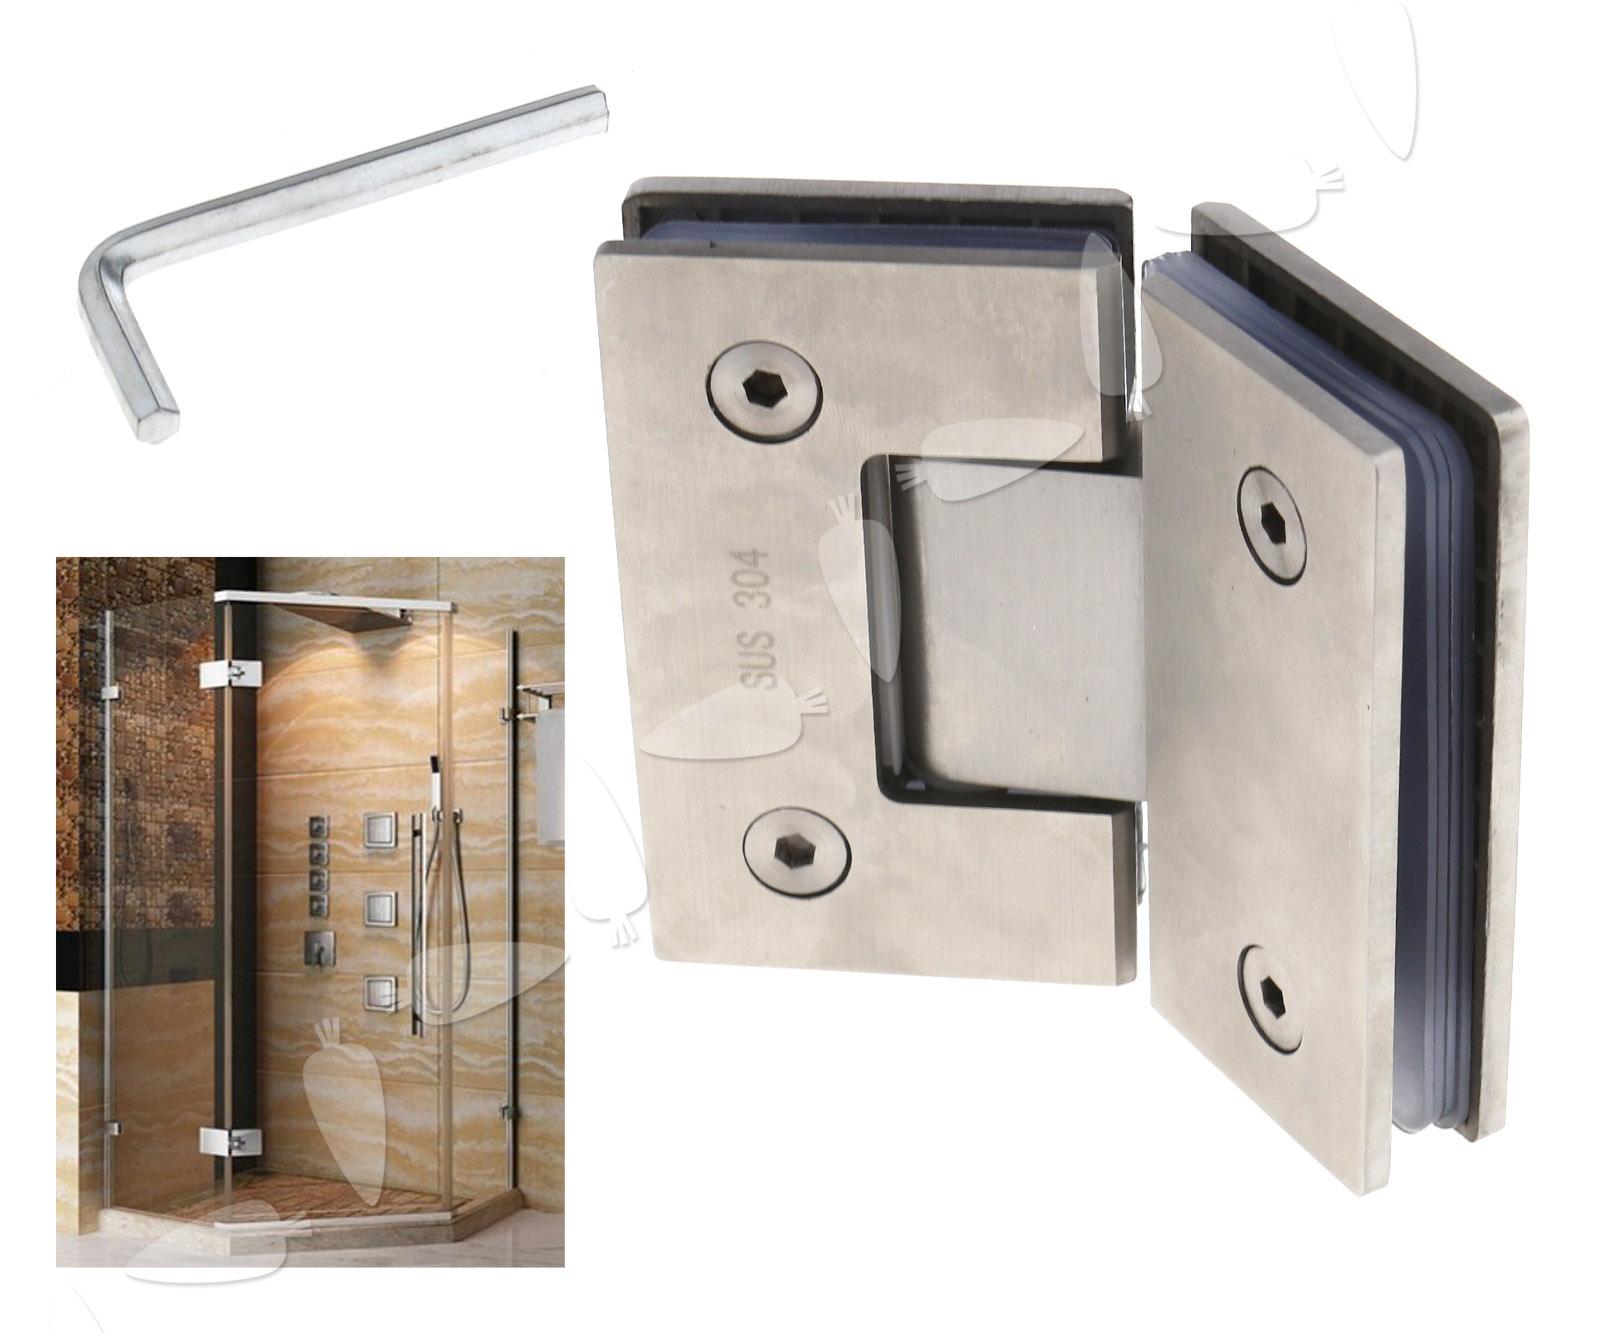 135° 304 Stainless Steel Frameless Glass Hinges For Inset Shower ...